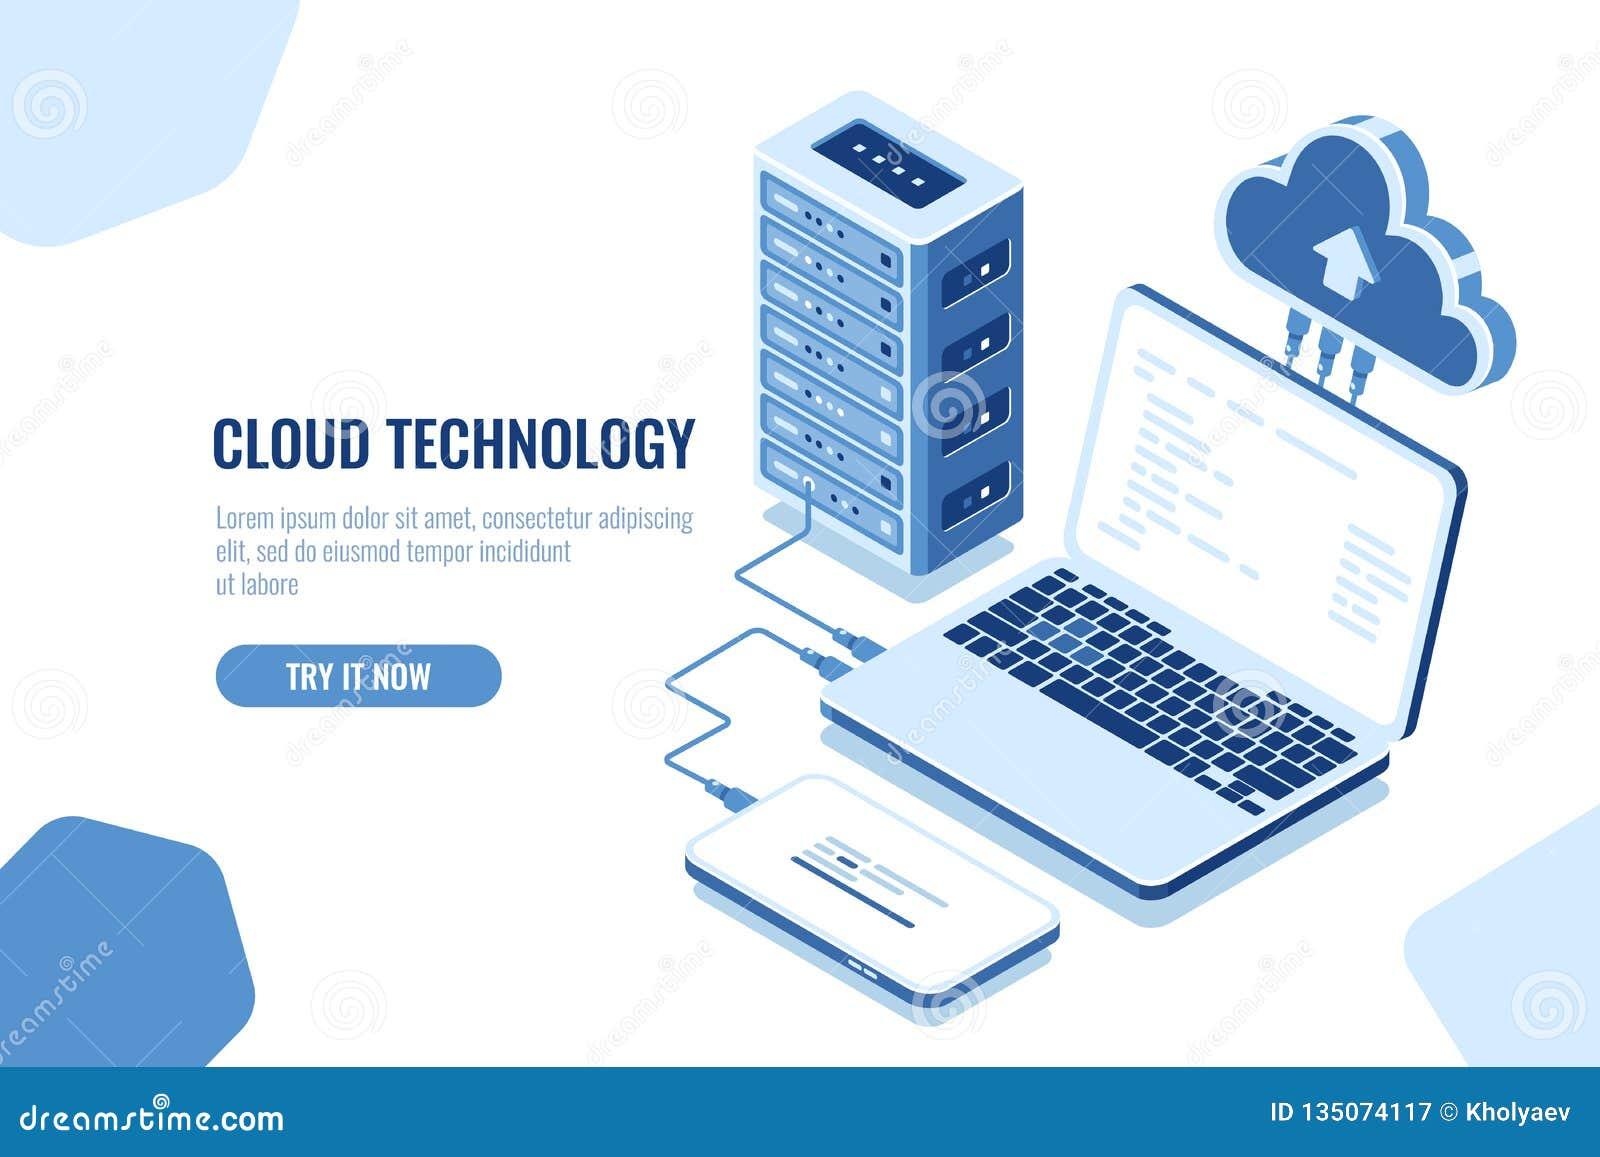 Intrigen av dataöverföringen, isometrisk säker anslutning, molnberäkning, serverrum, datacenter och databas